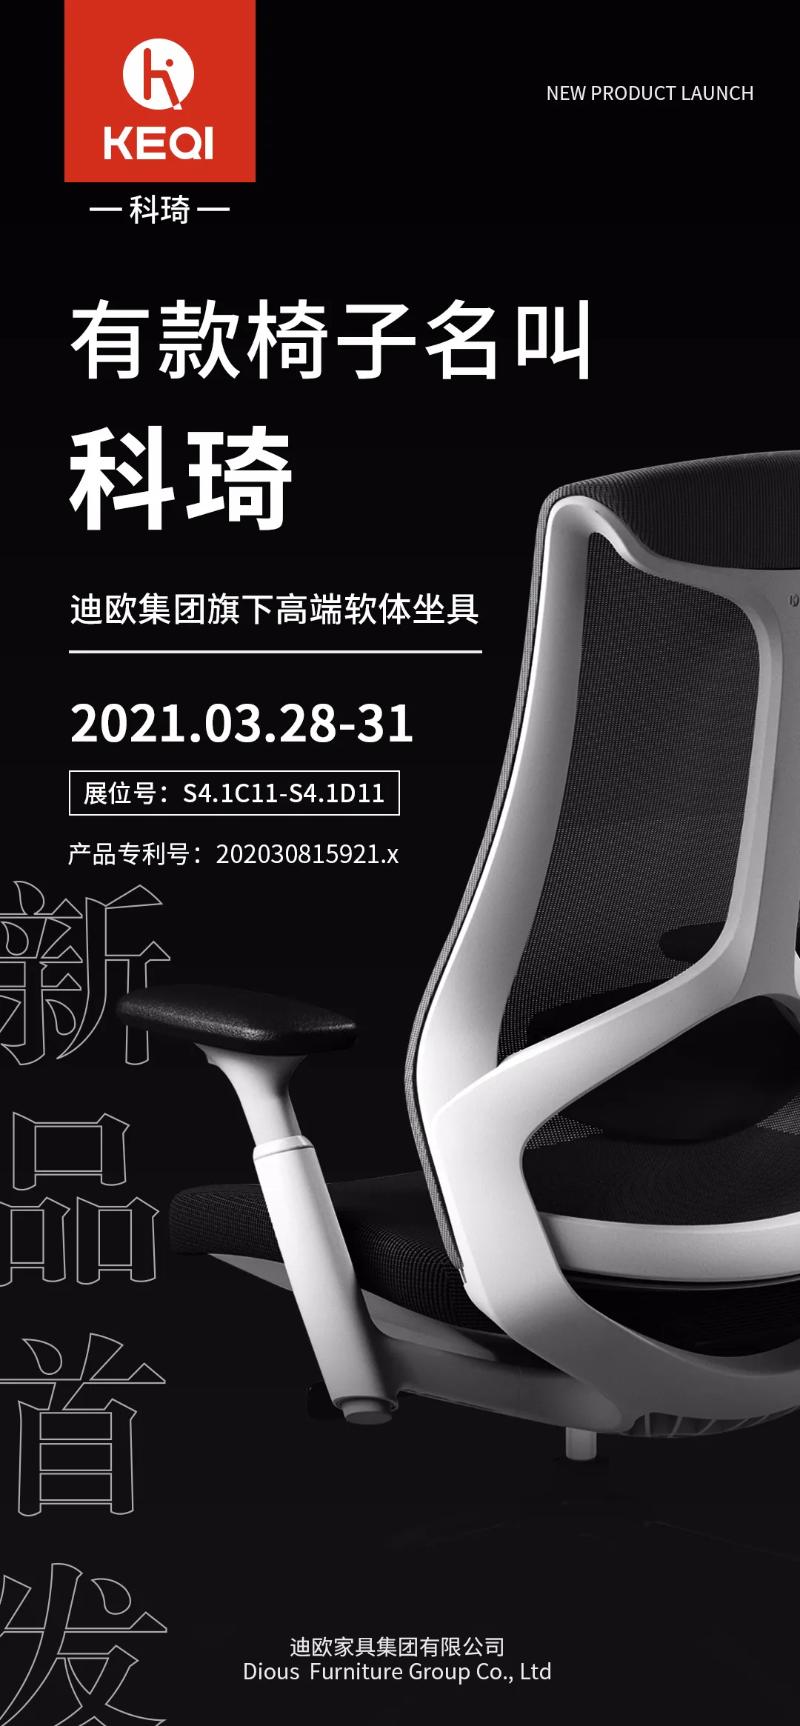 迪欧集团高端软体坐具品牌—科琦  新品首发